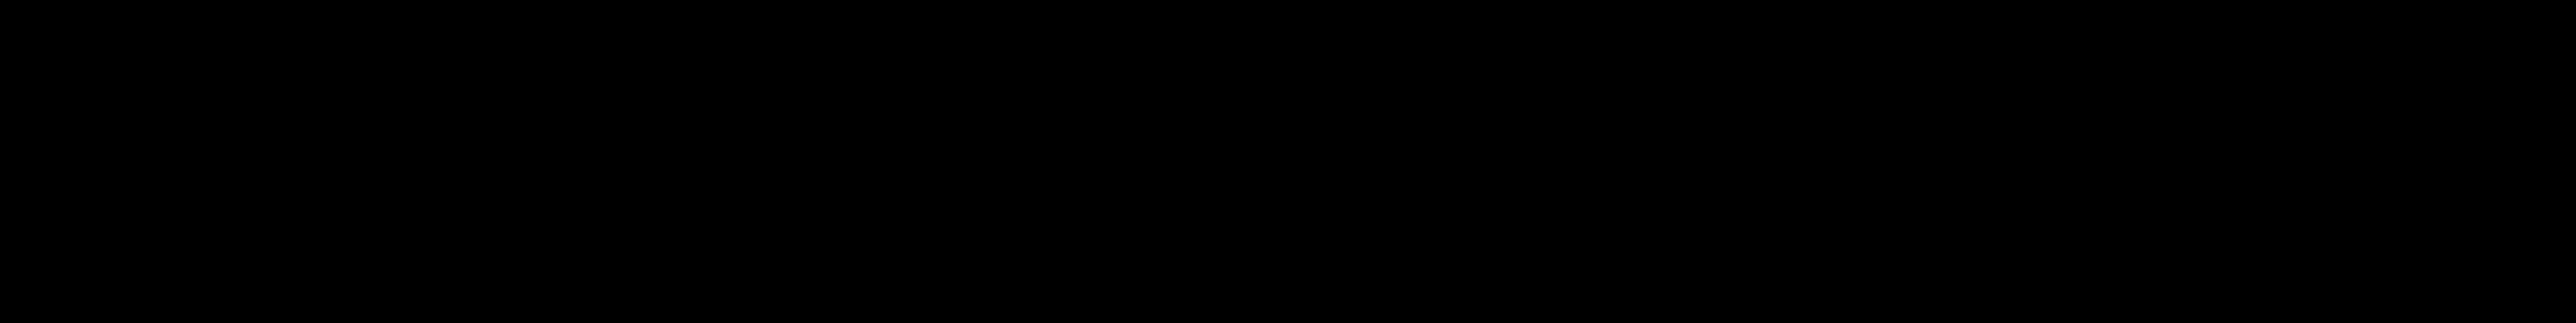 Aminopörssi logo